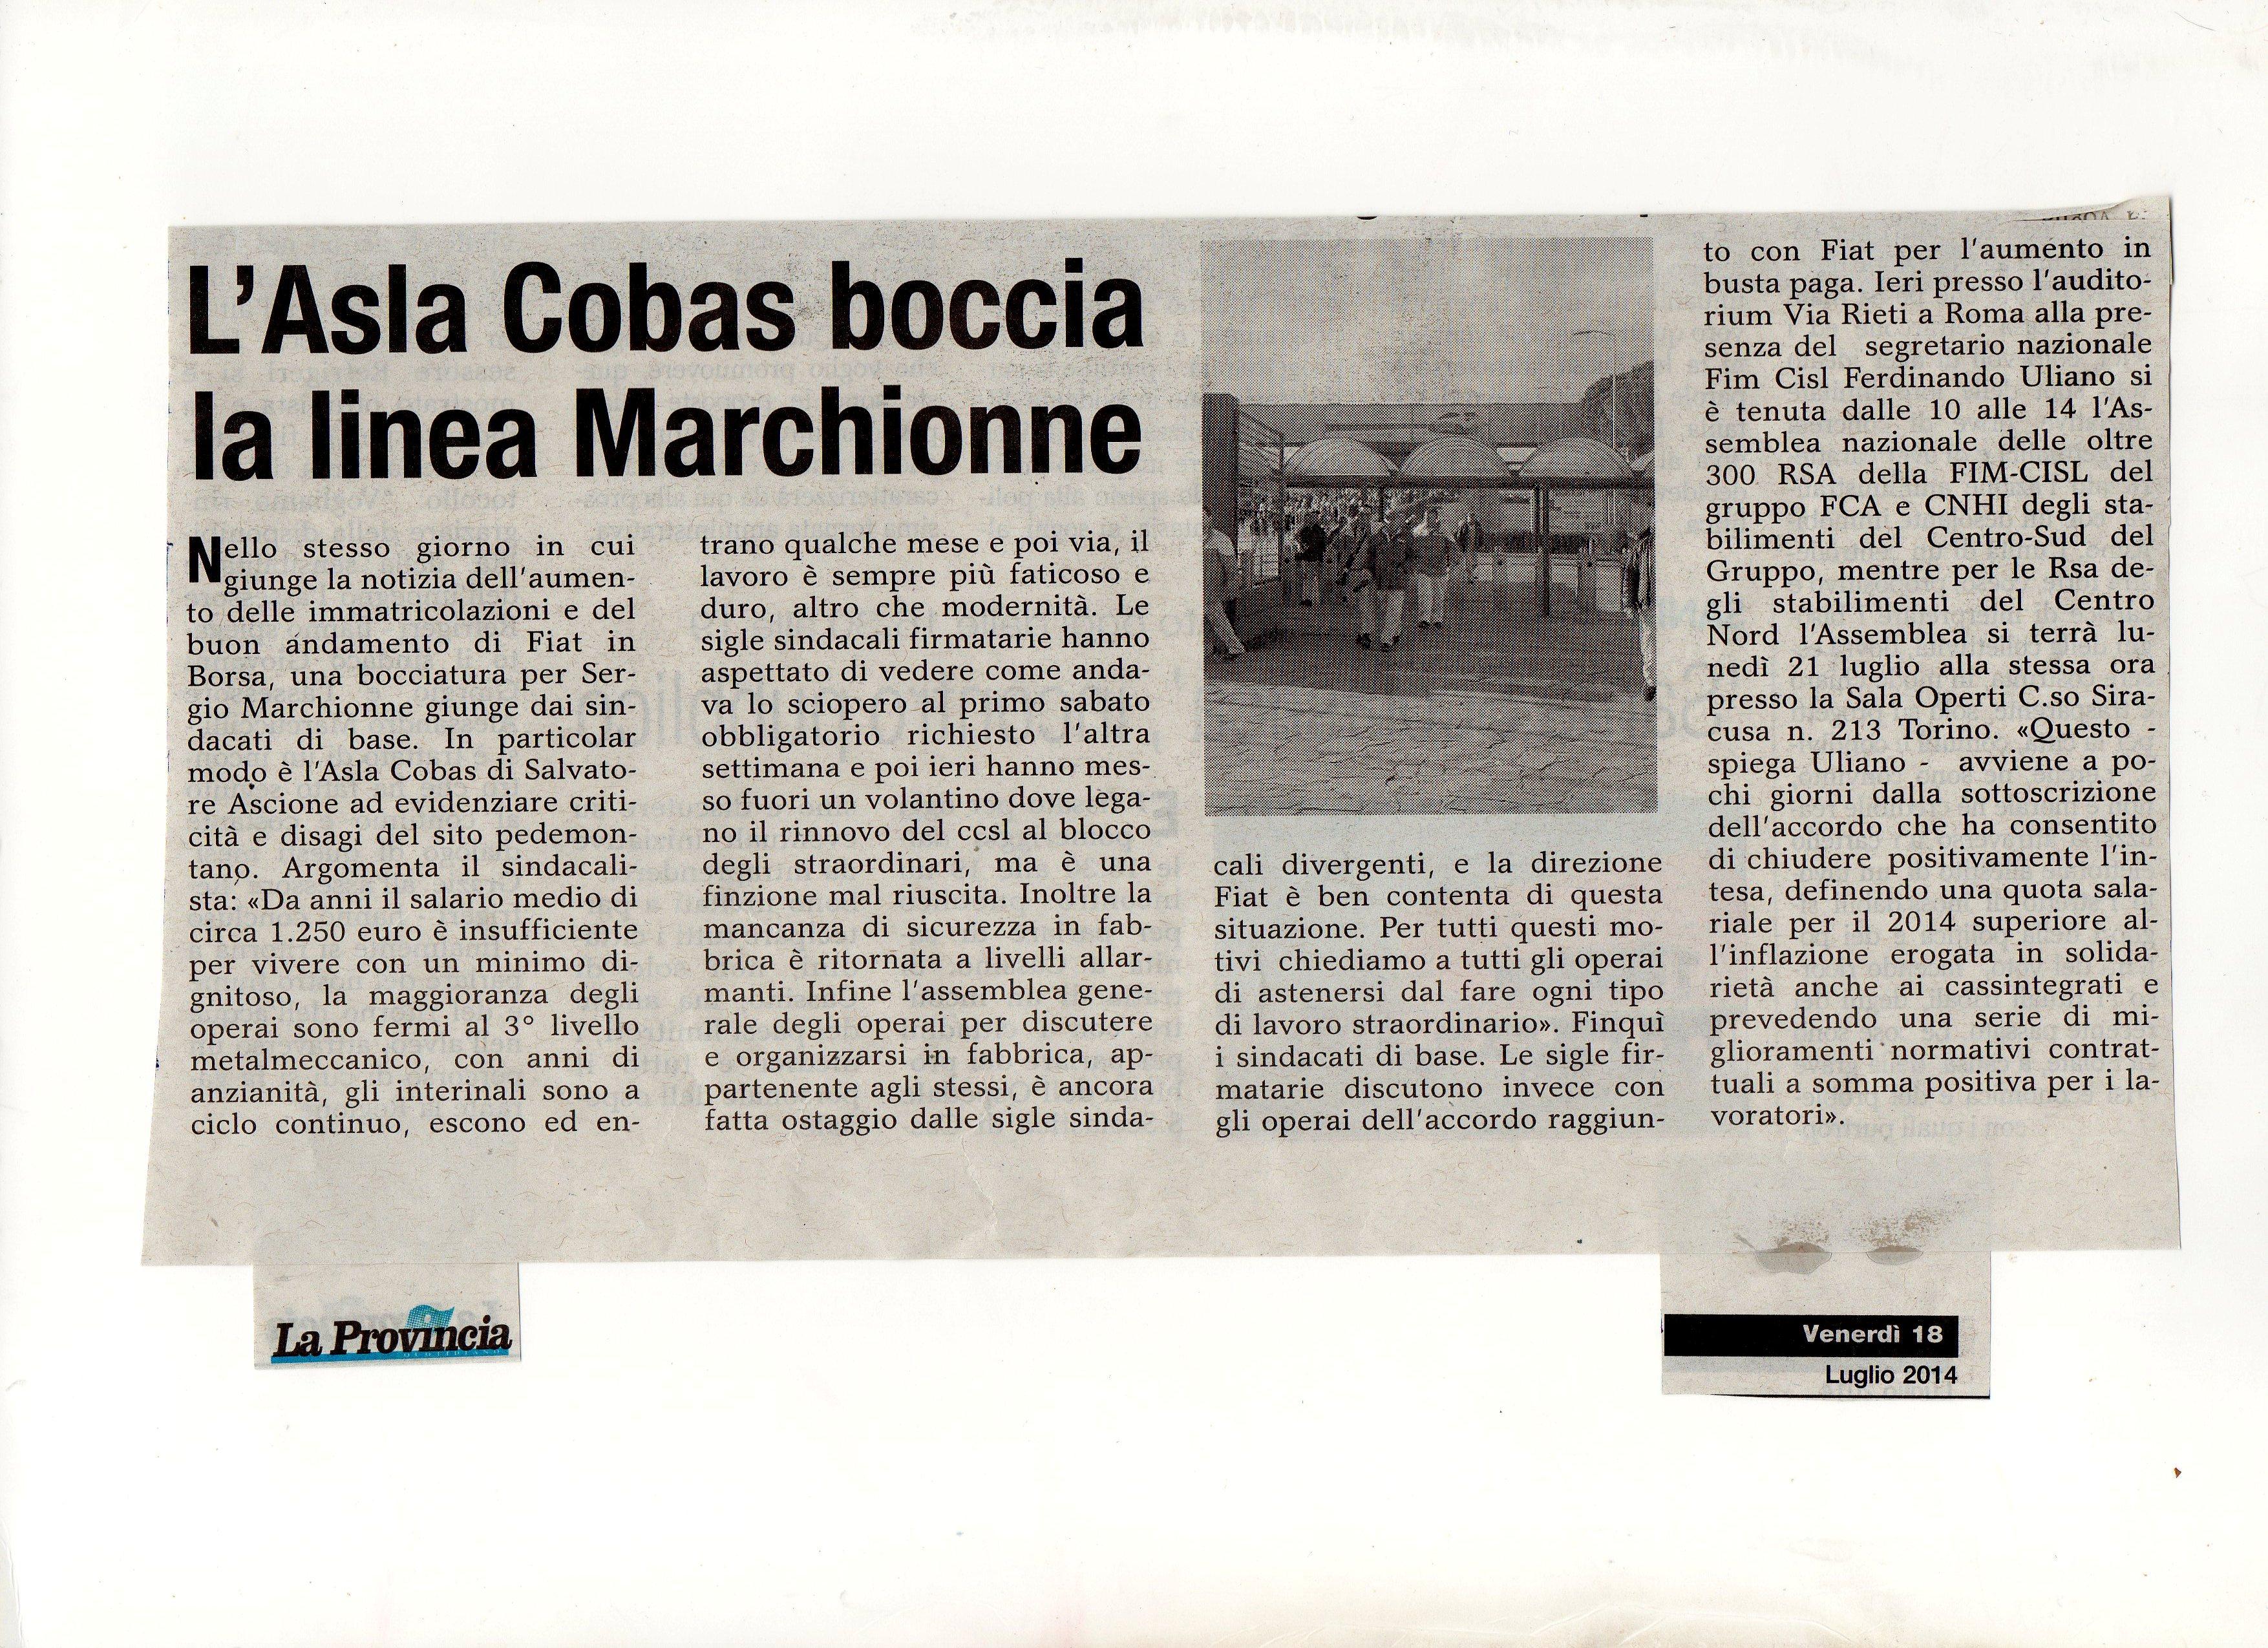 L'A.S.La COBAS BOCCIA LA LINEA MARCHIONNE